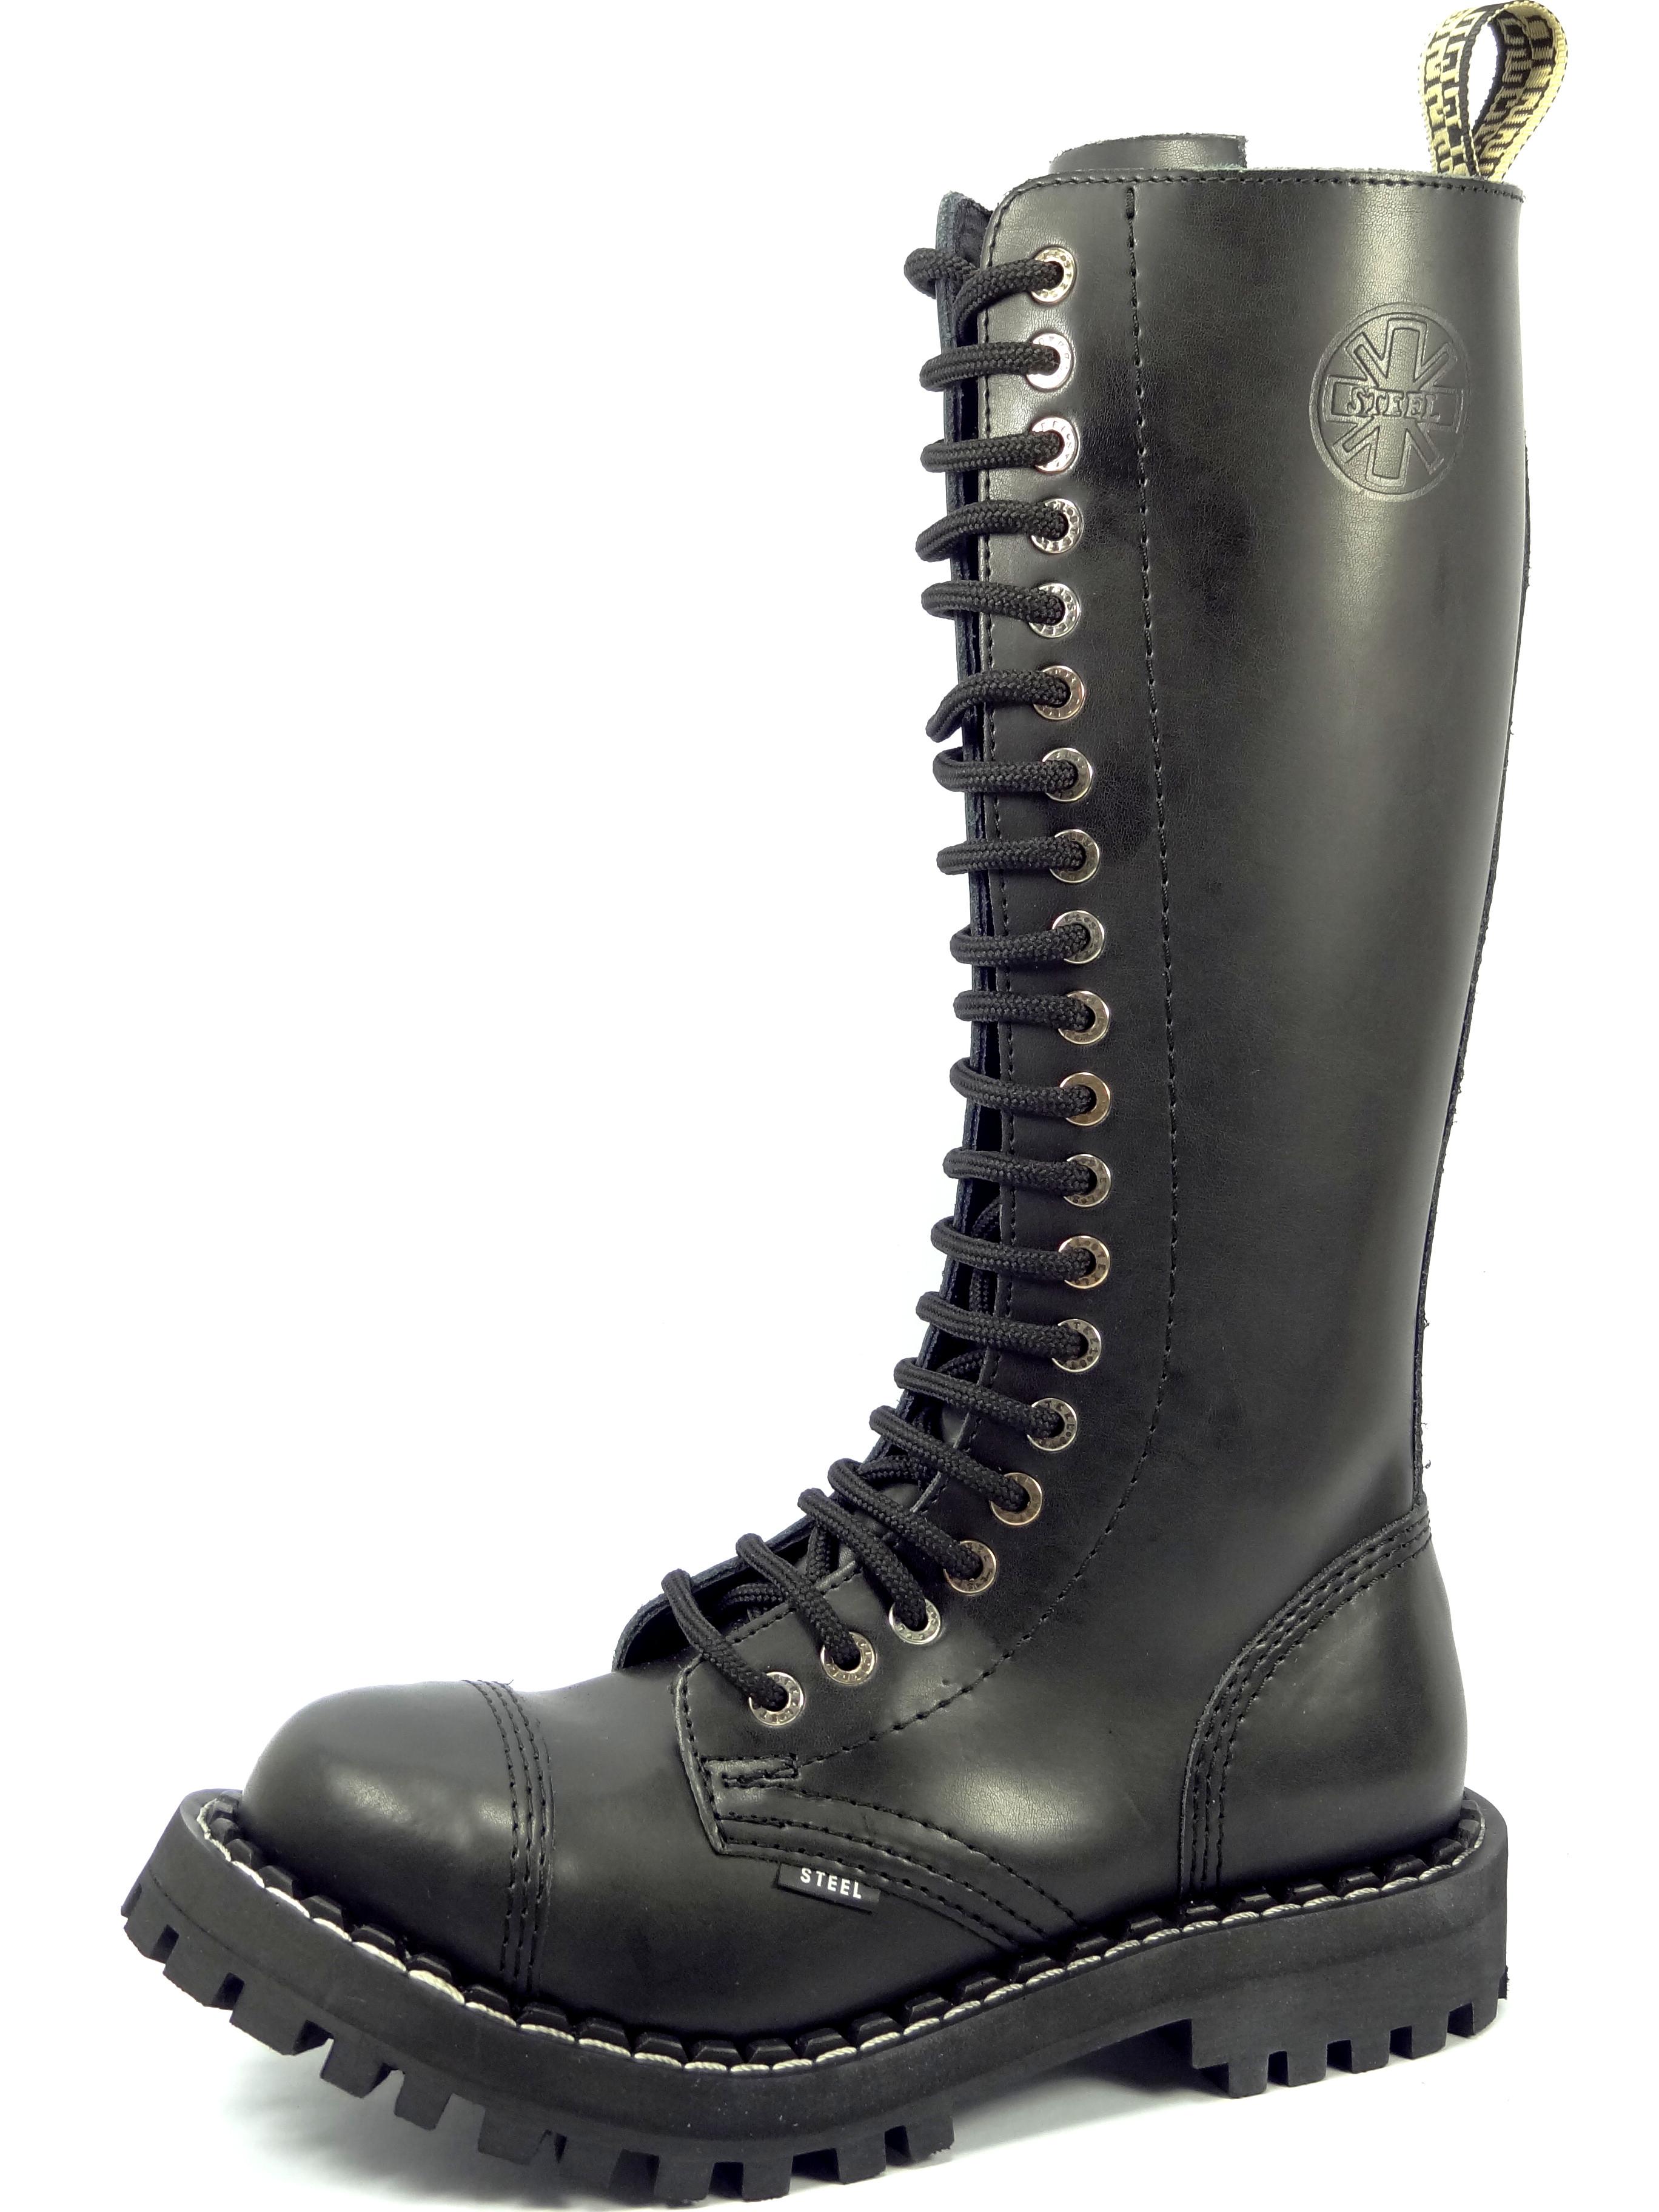 31ec721f406 Steel boty 20 dírkové černé zateplené - šněrovací se zipem